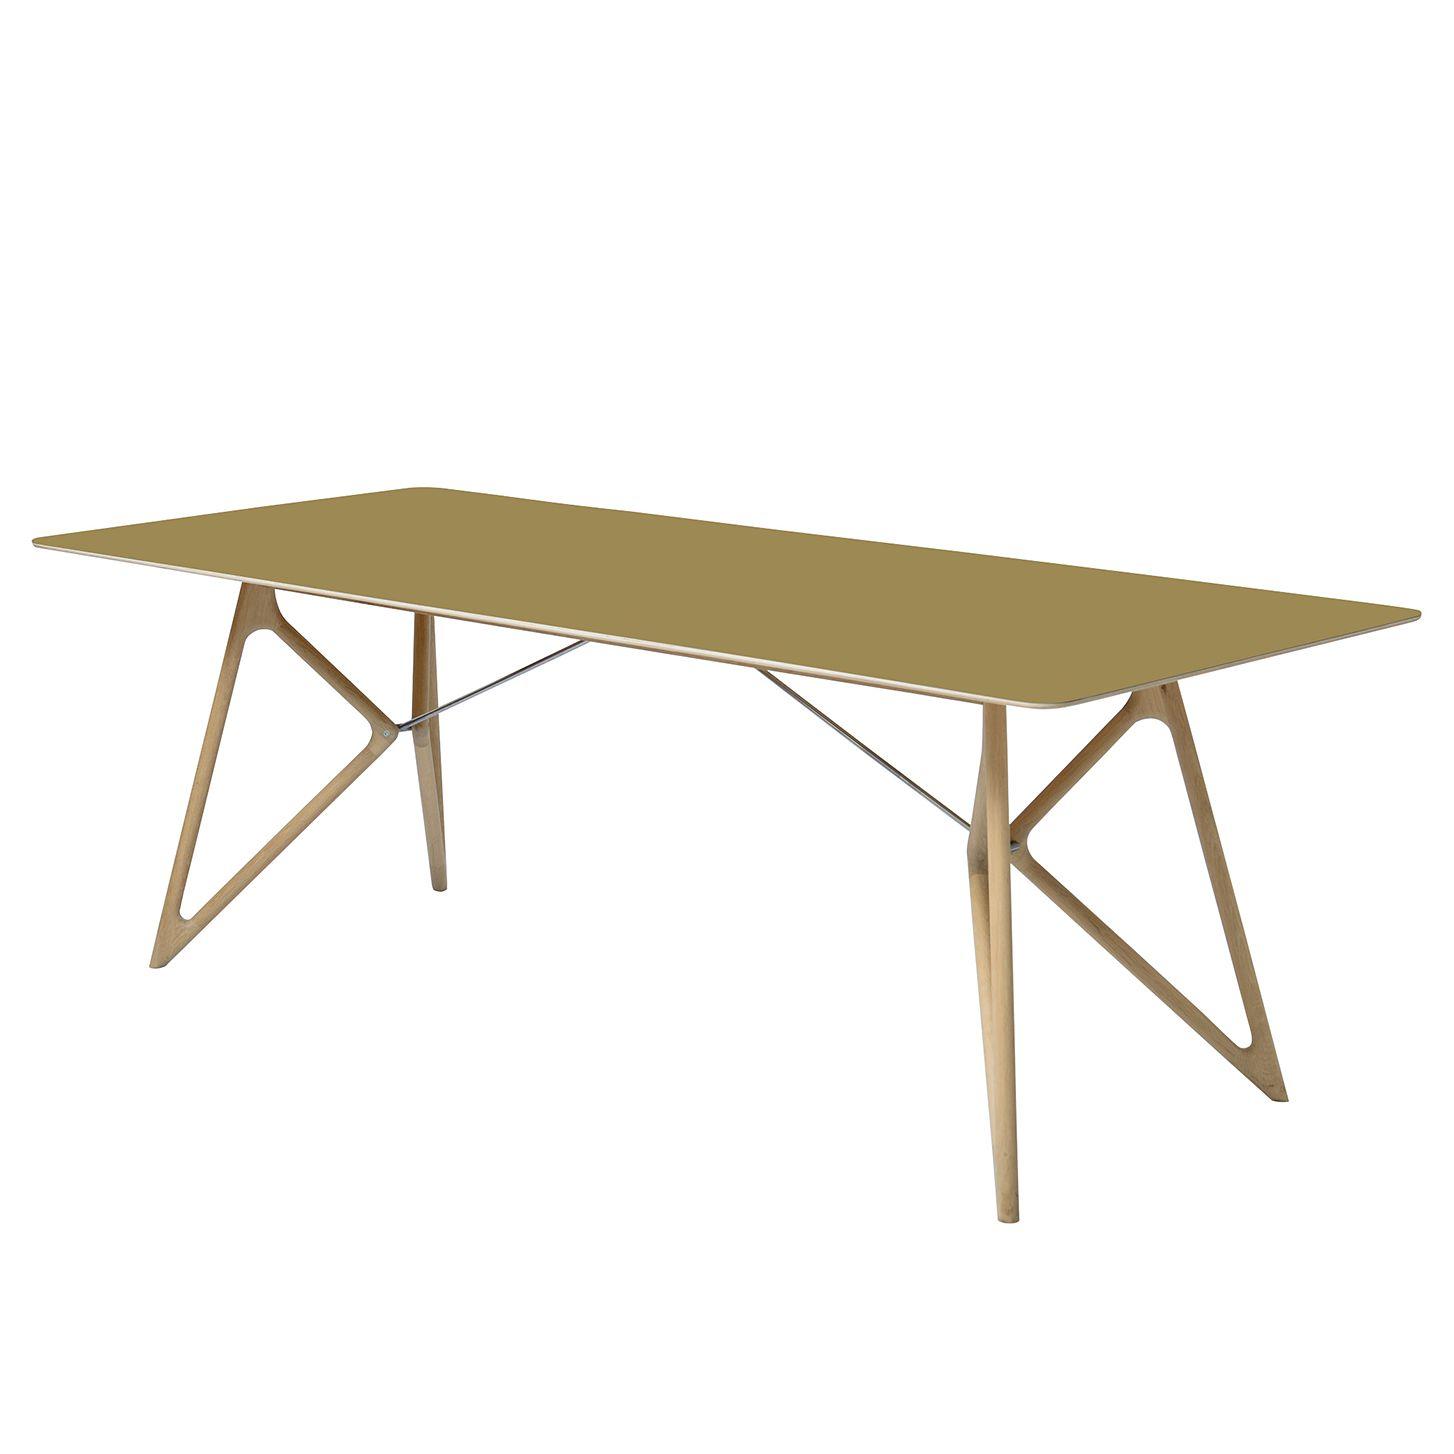 Esstisch tink eiche massiv linoleum olivgr n eiche for Garderobe 220 cm